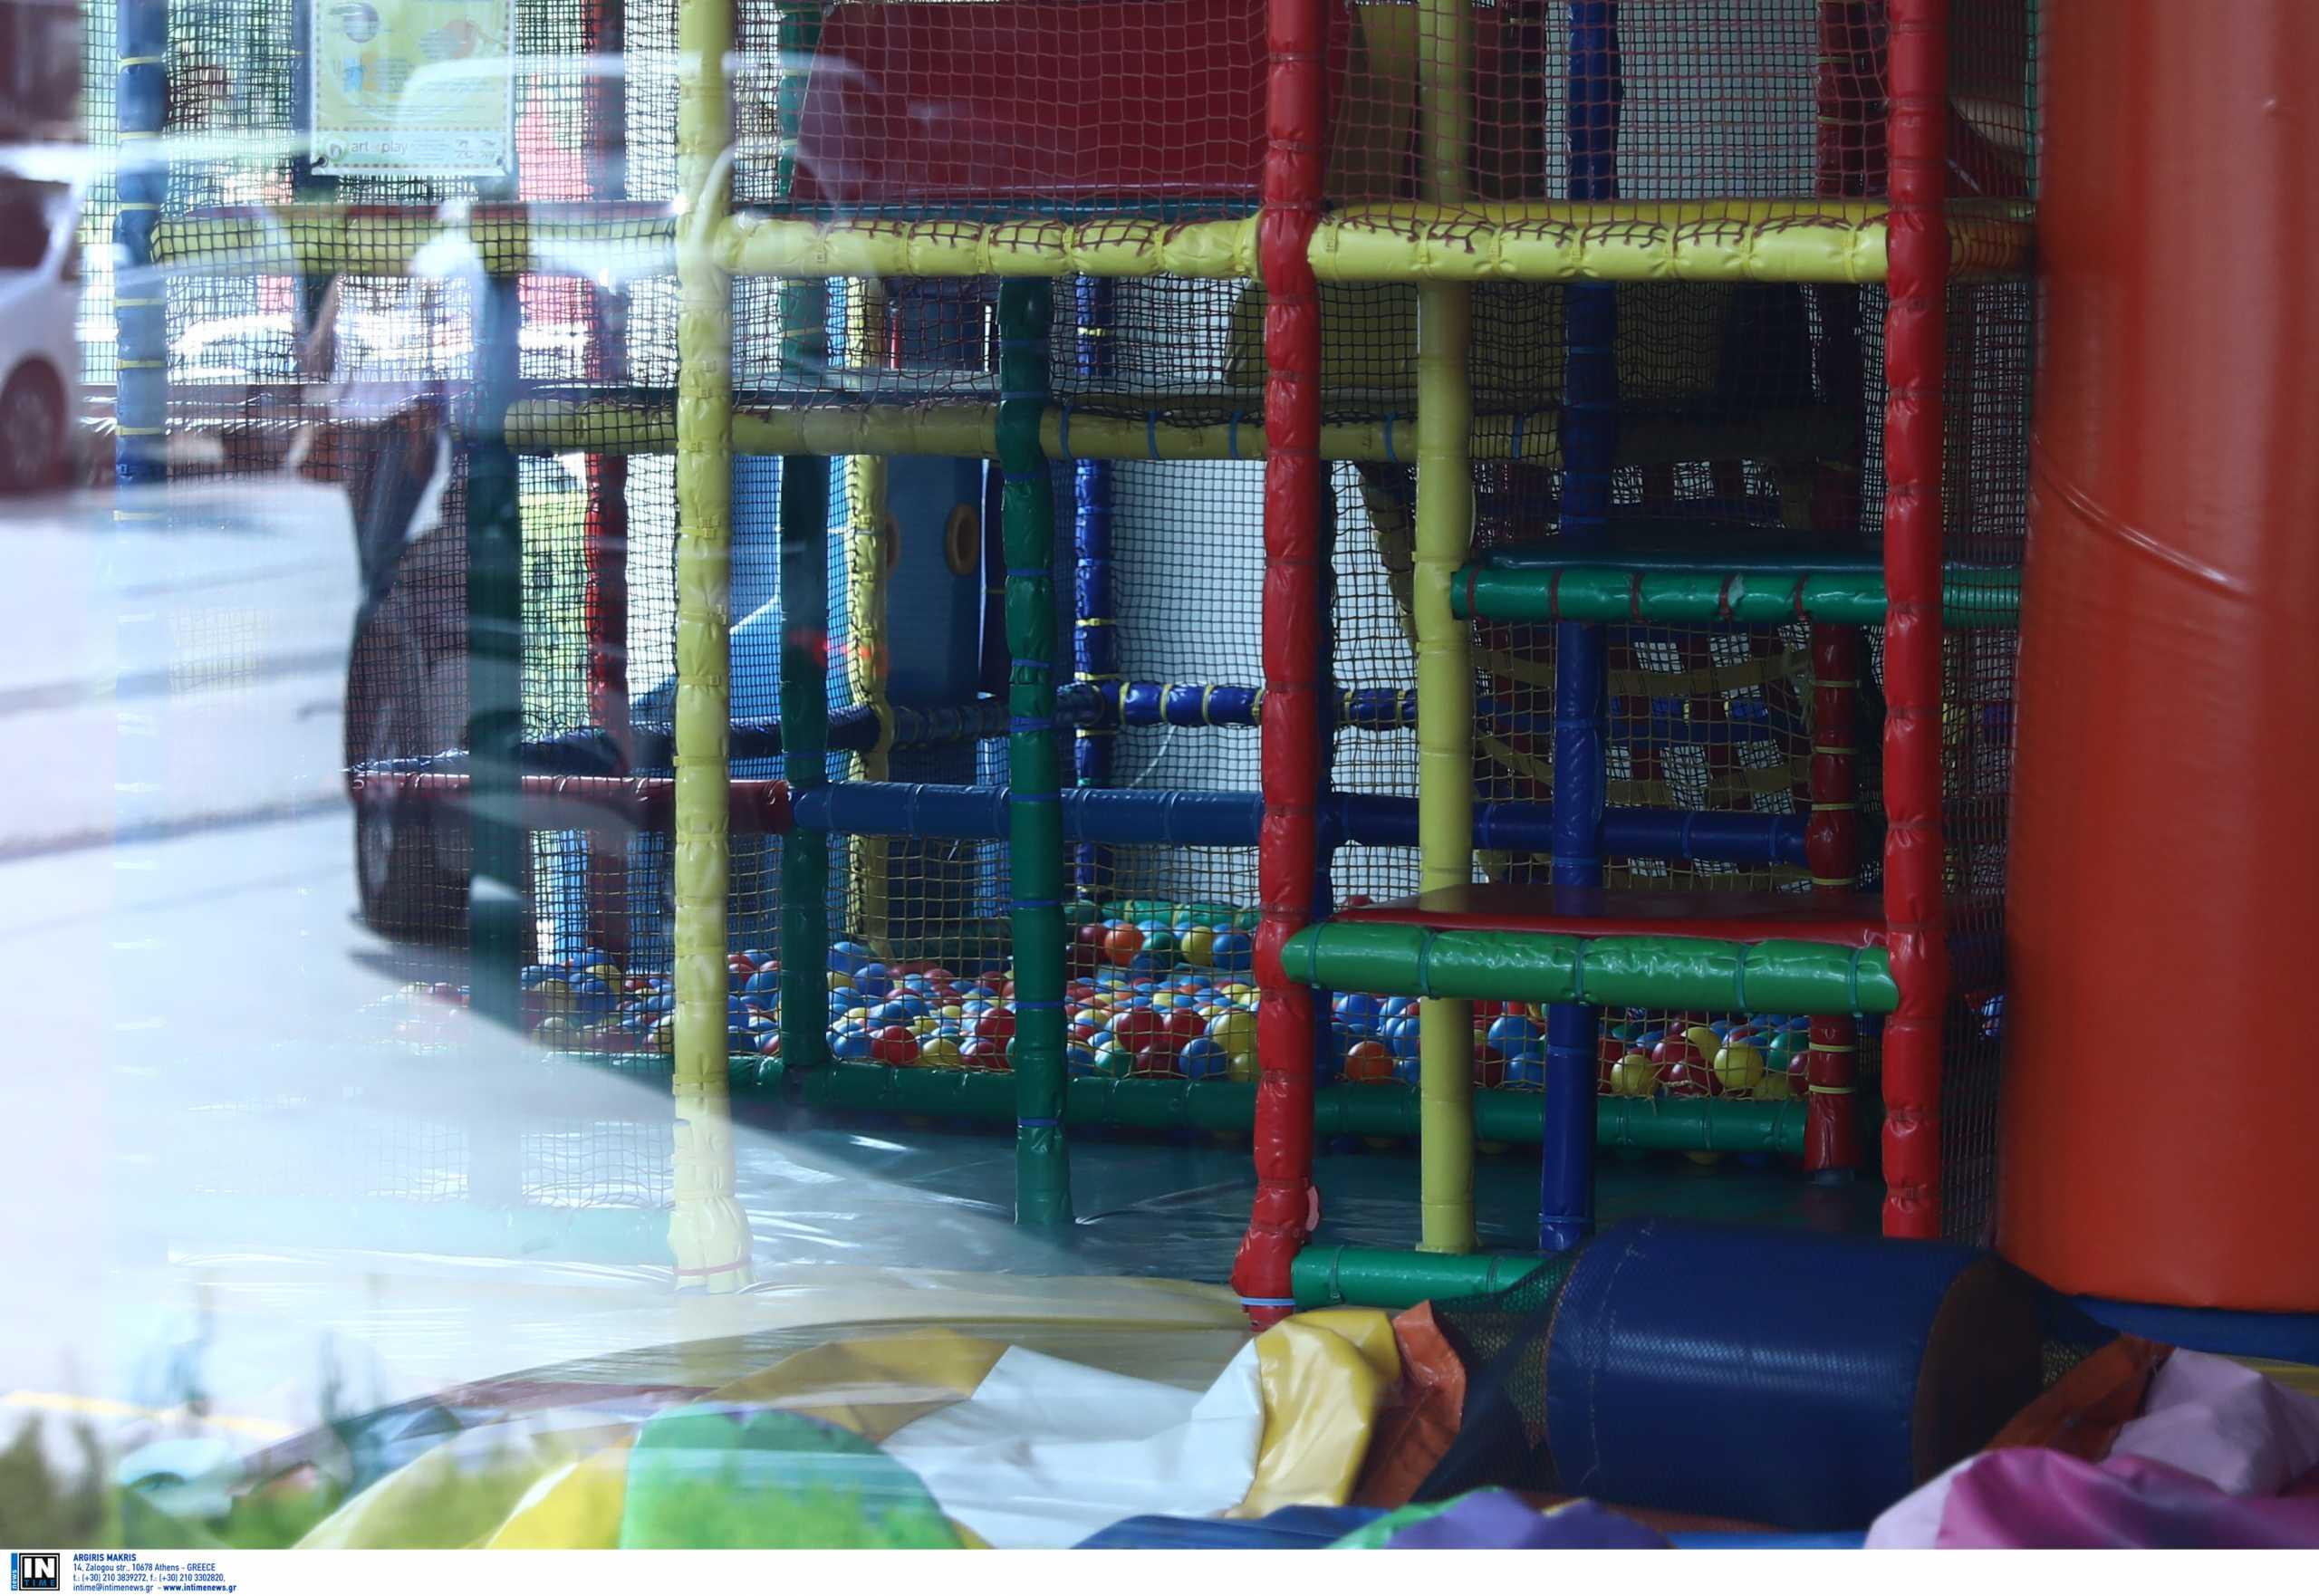 Νέα μέτρα εισηγούνται οι ειδικοί: Διπλασιασμός τεστ στον αθλητισμό, ανοίγουν οι εσωτερικοί παιδότοποι